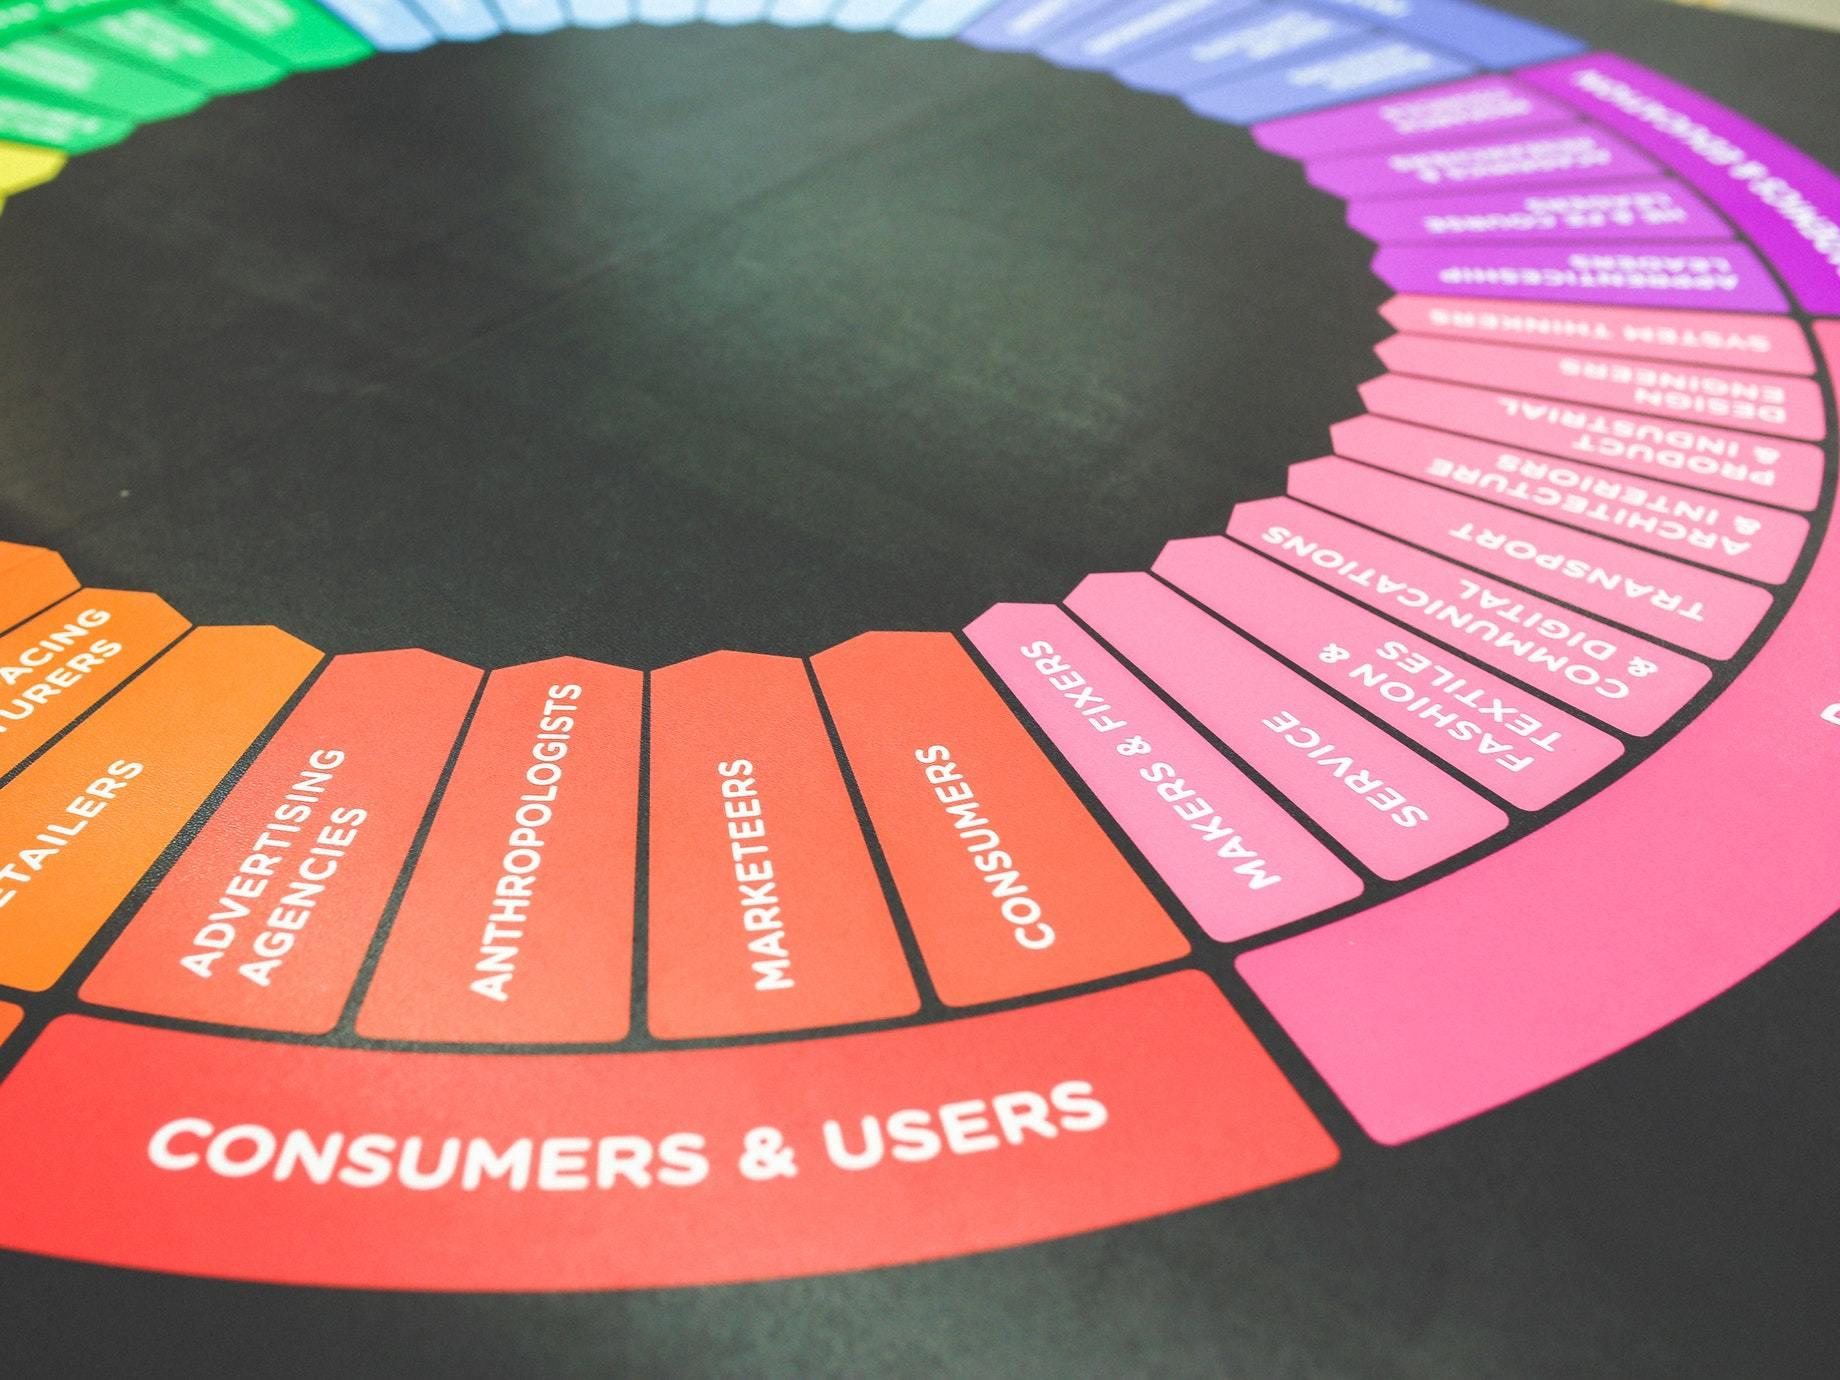 廣告行銷沒創意了嗎?   你可以從消費者洞察開始!